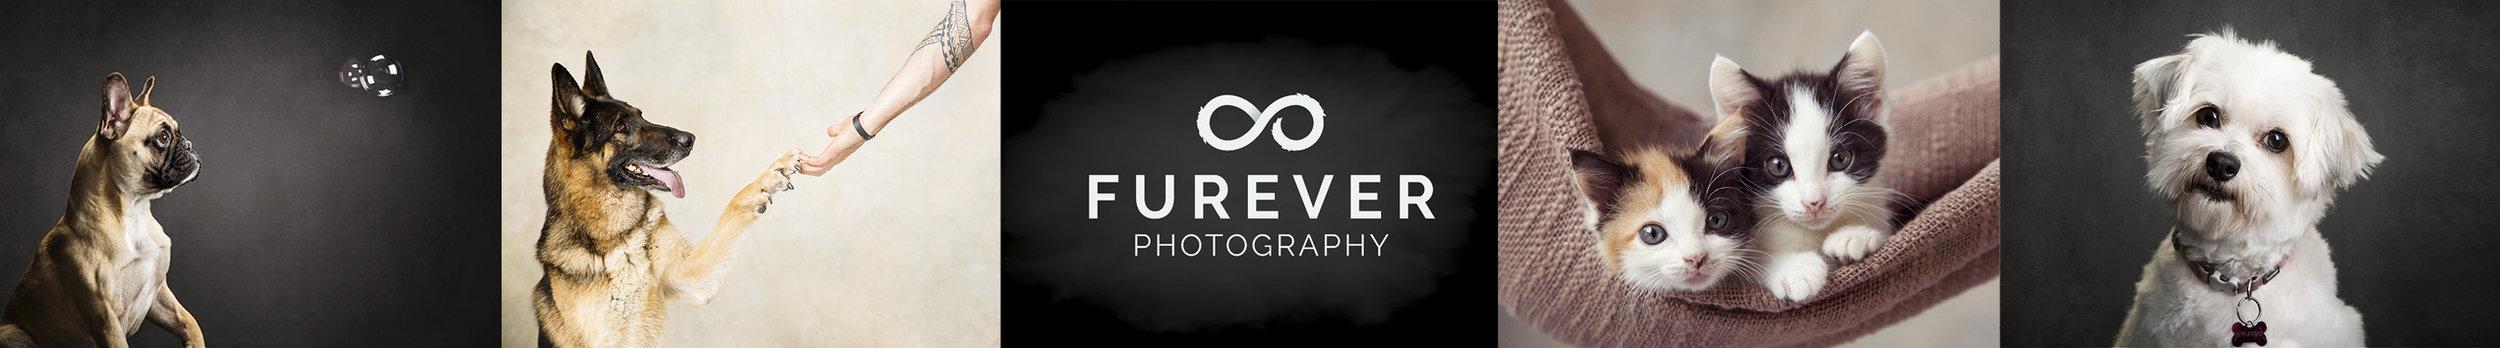 Furever Photography Pet Photographers